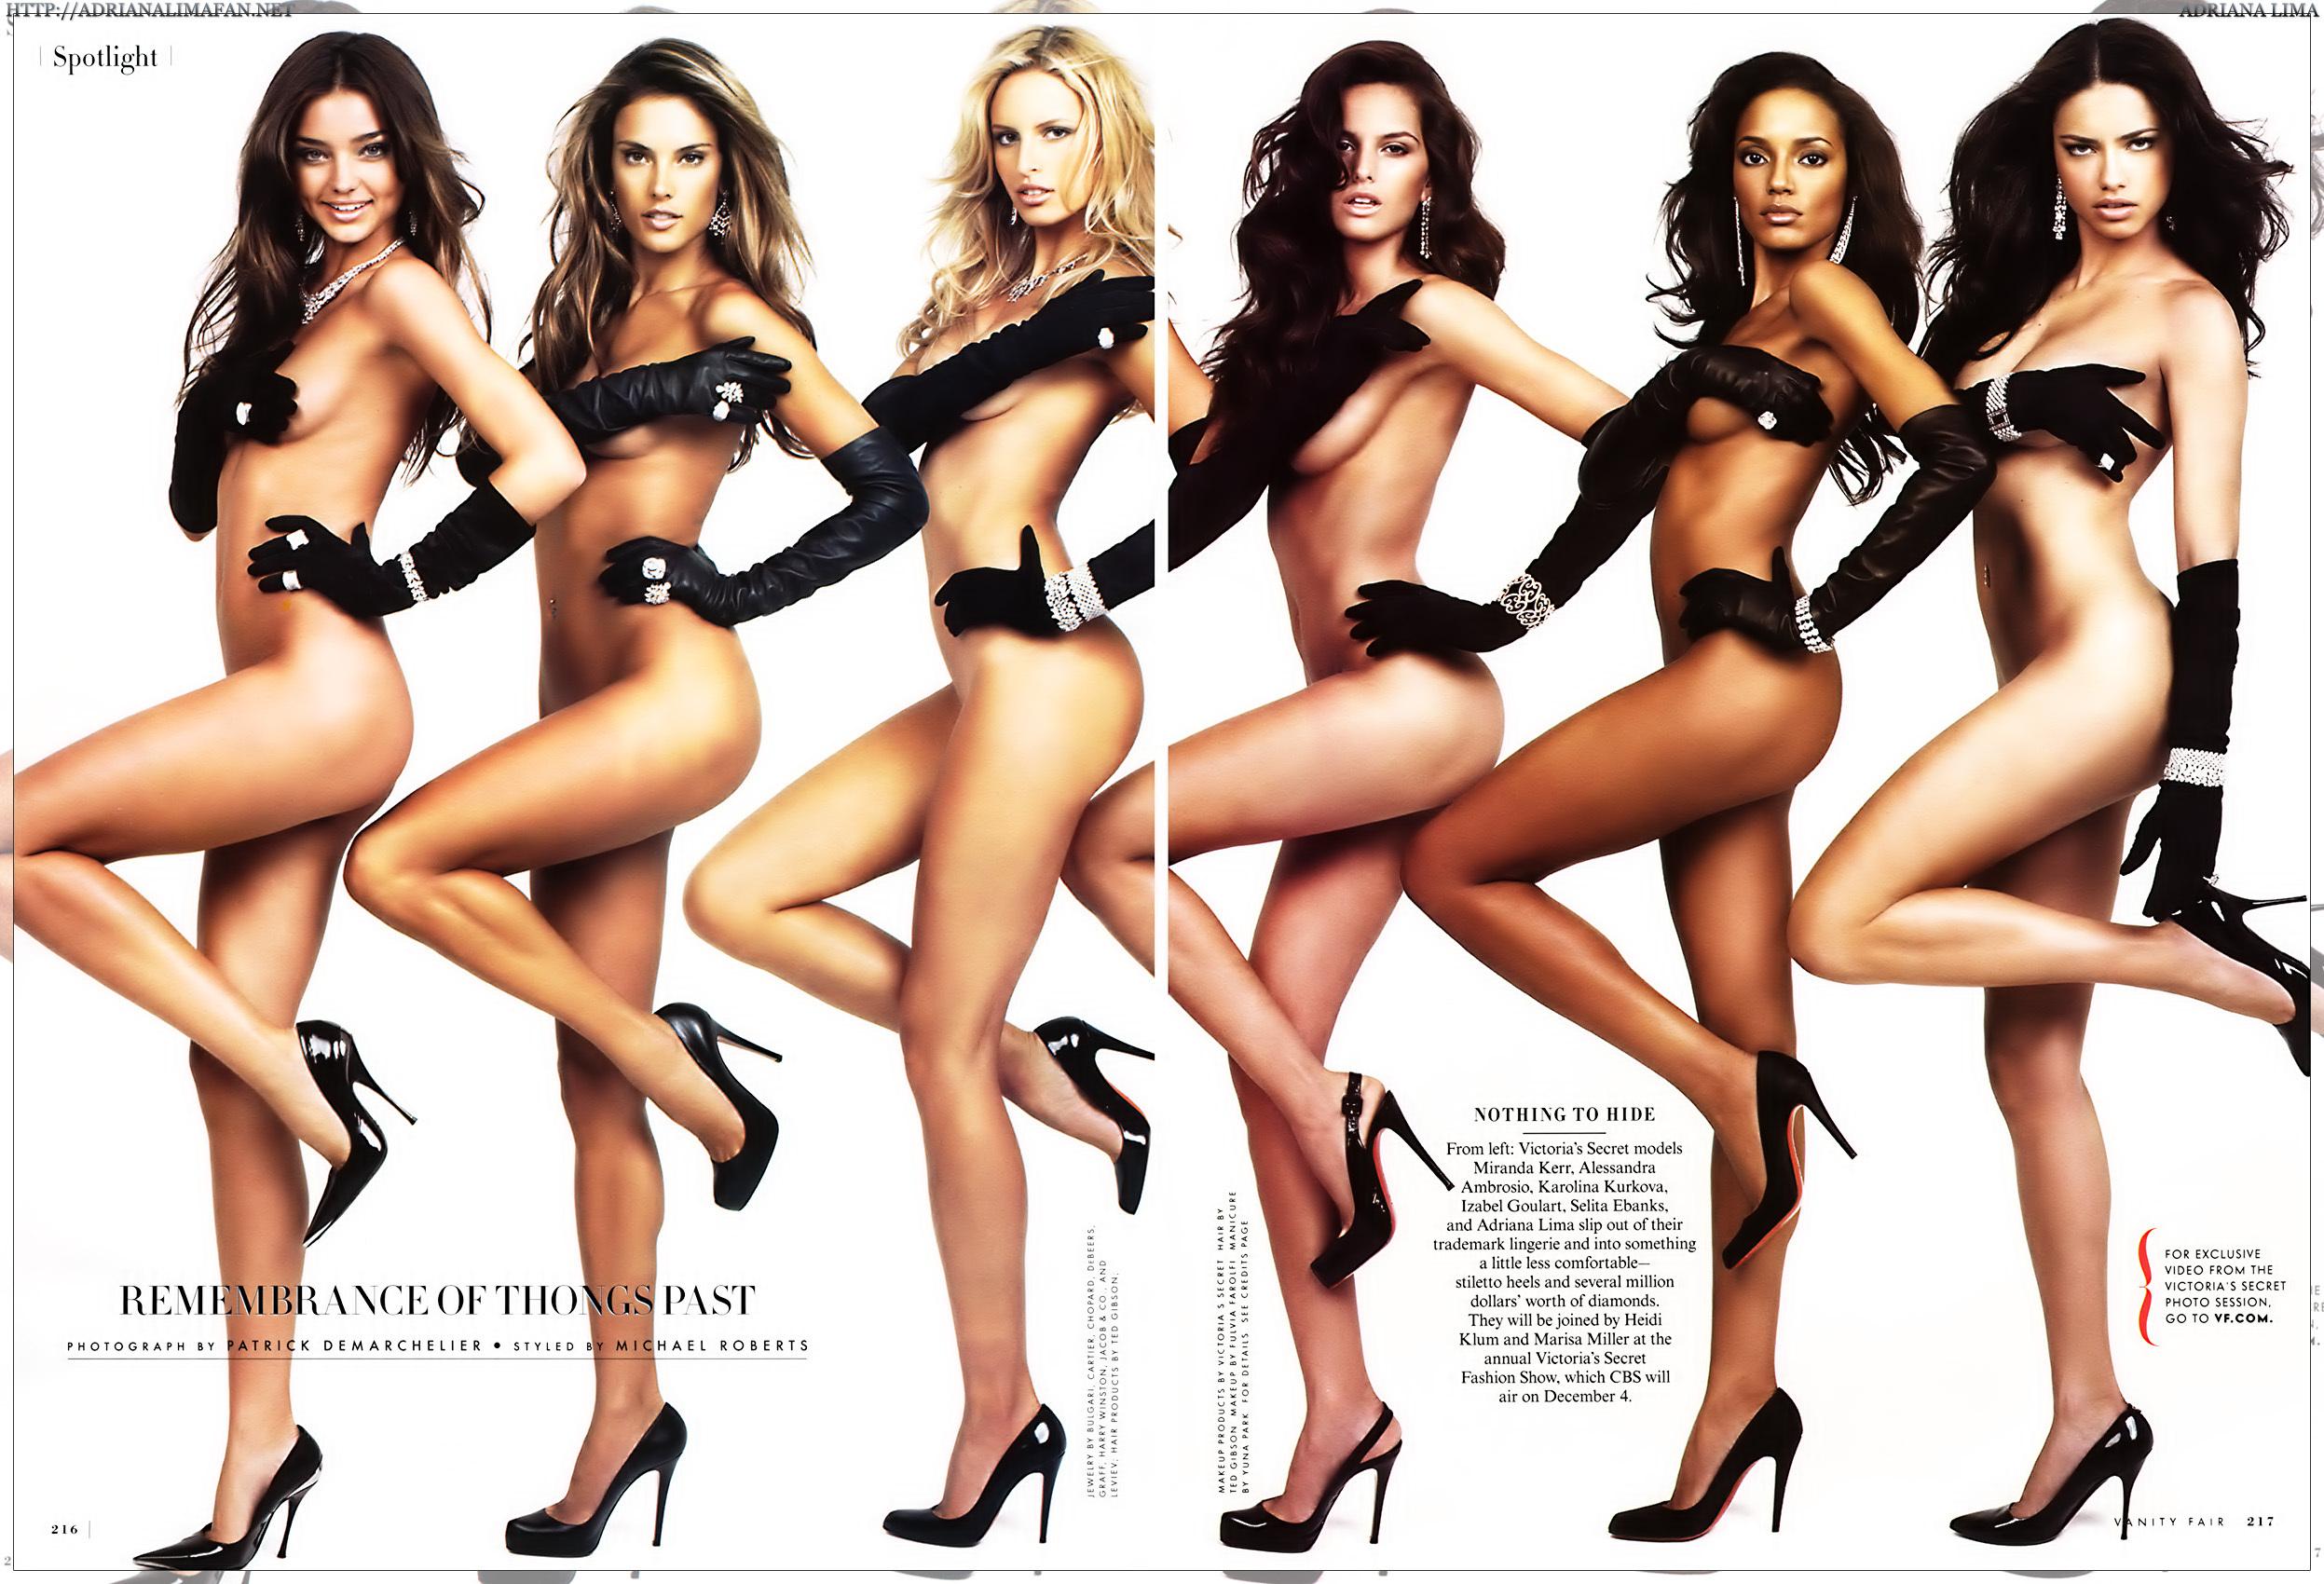 Victoria secret body models